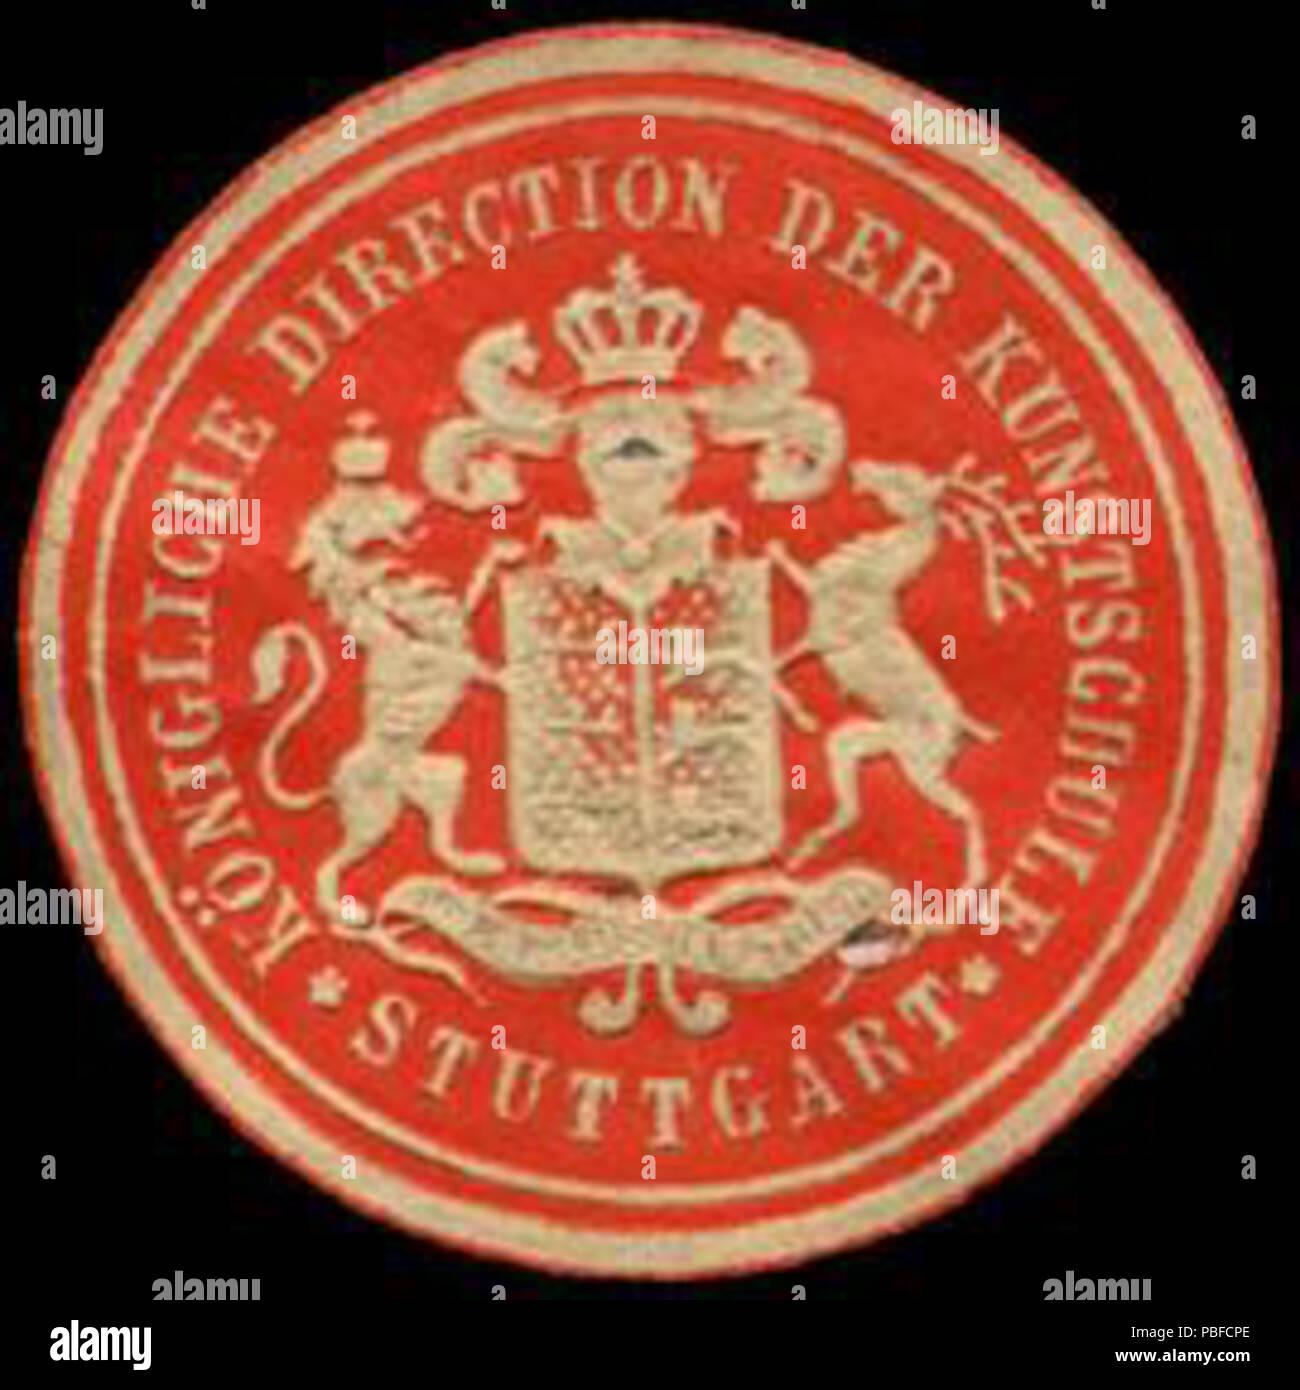 Alte Briefverschlussmarke aus Papier, welche seit ca. 1850 von Behoerden, Anwaelten, Notaren und Firmen zum verschliessen der Post verwendet wurde. 1466 Siegelmarke Königliche Direction der Kunstschule - Stuttgart W0232882 - Stock Image